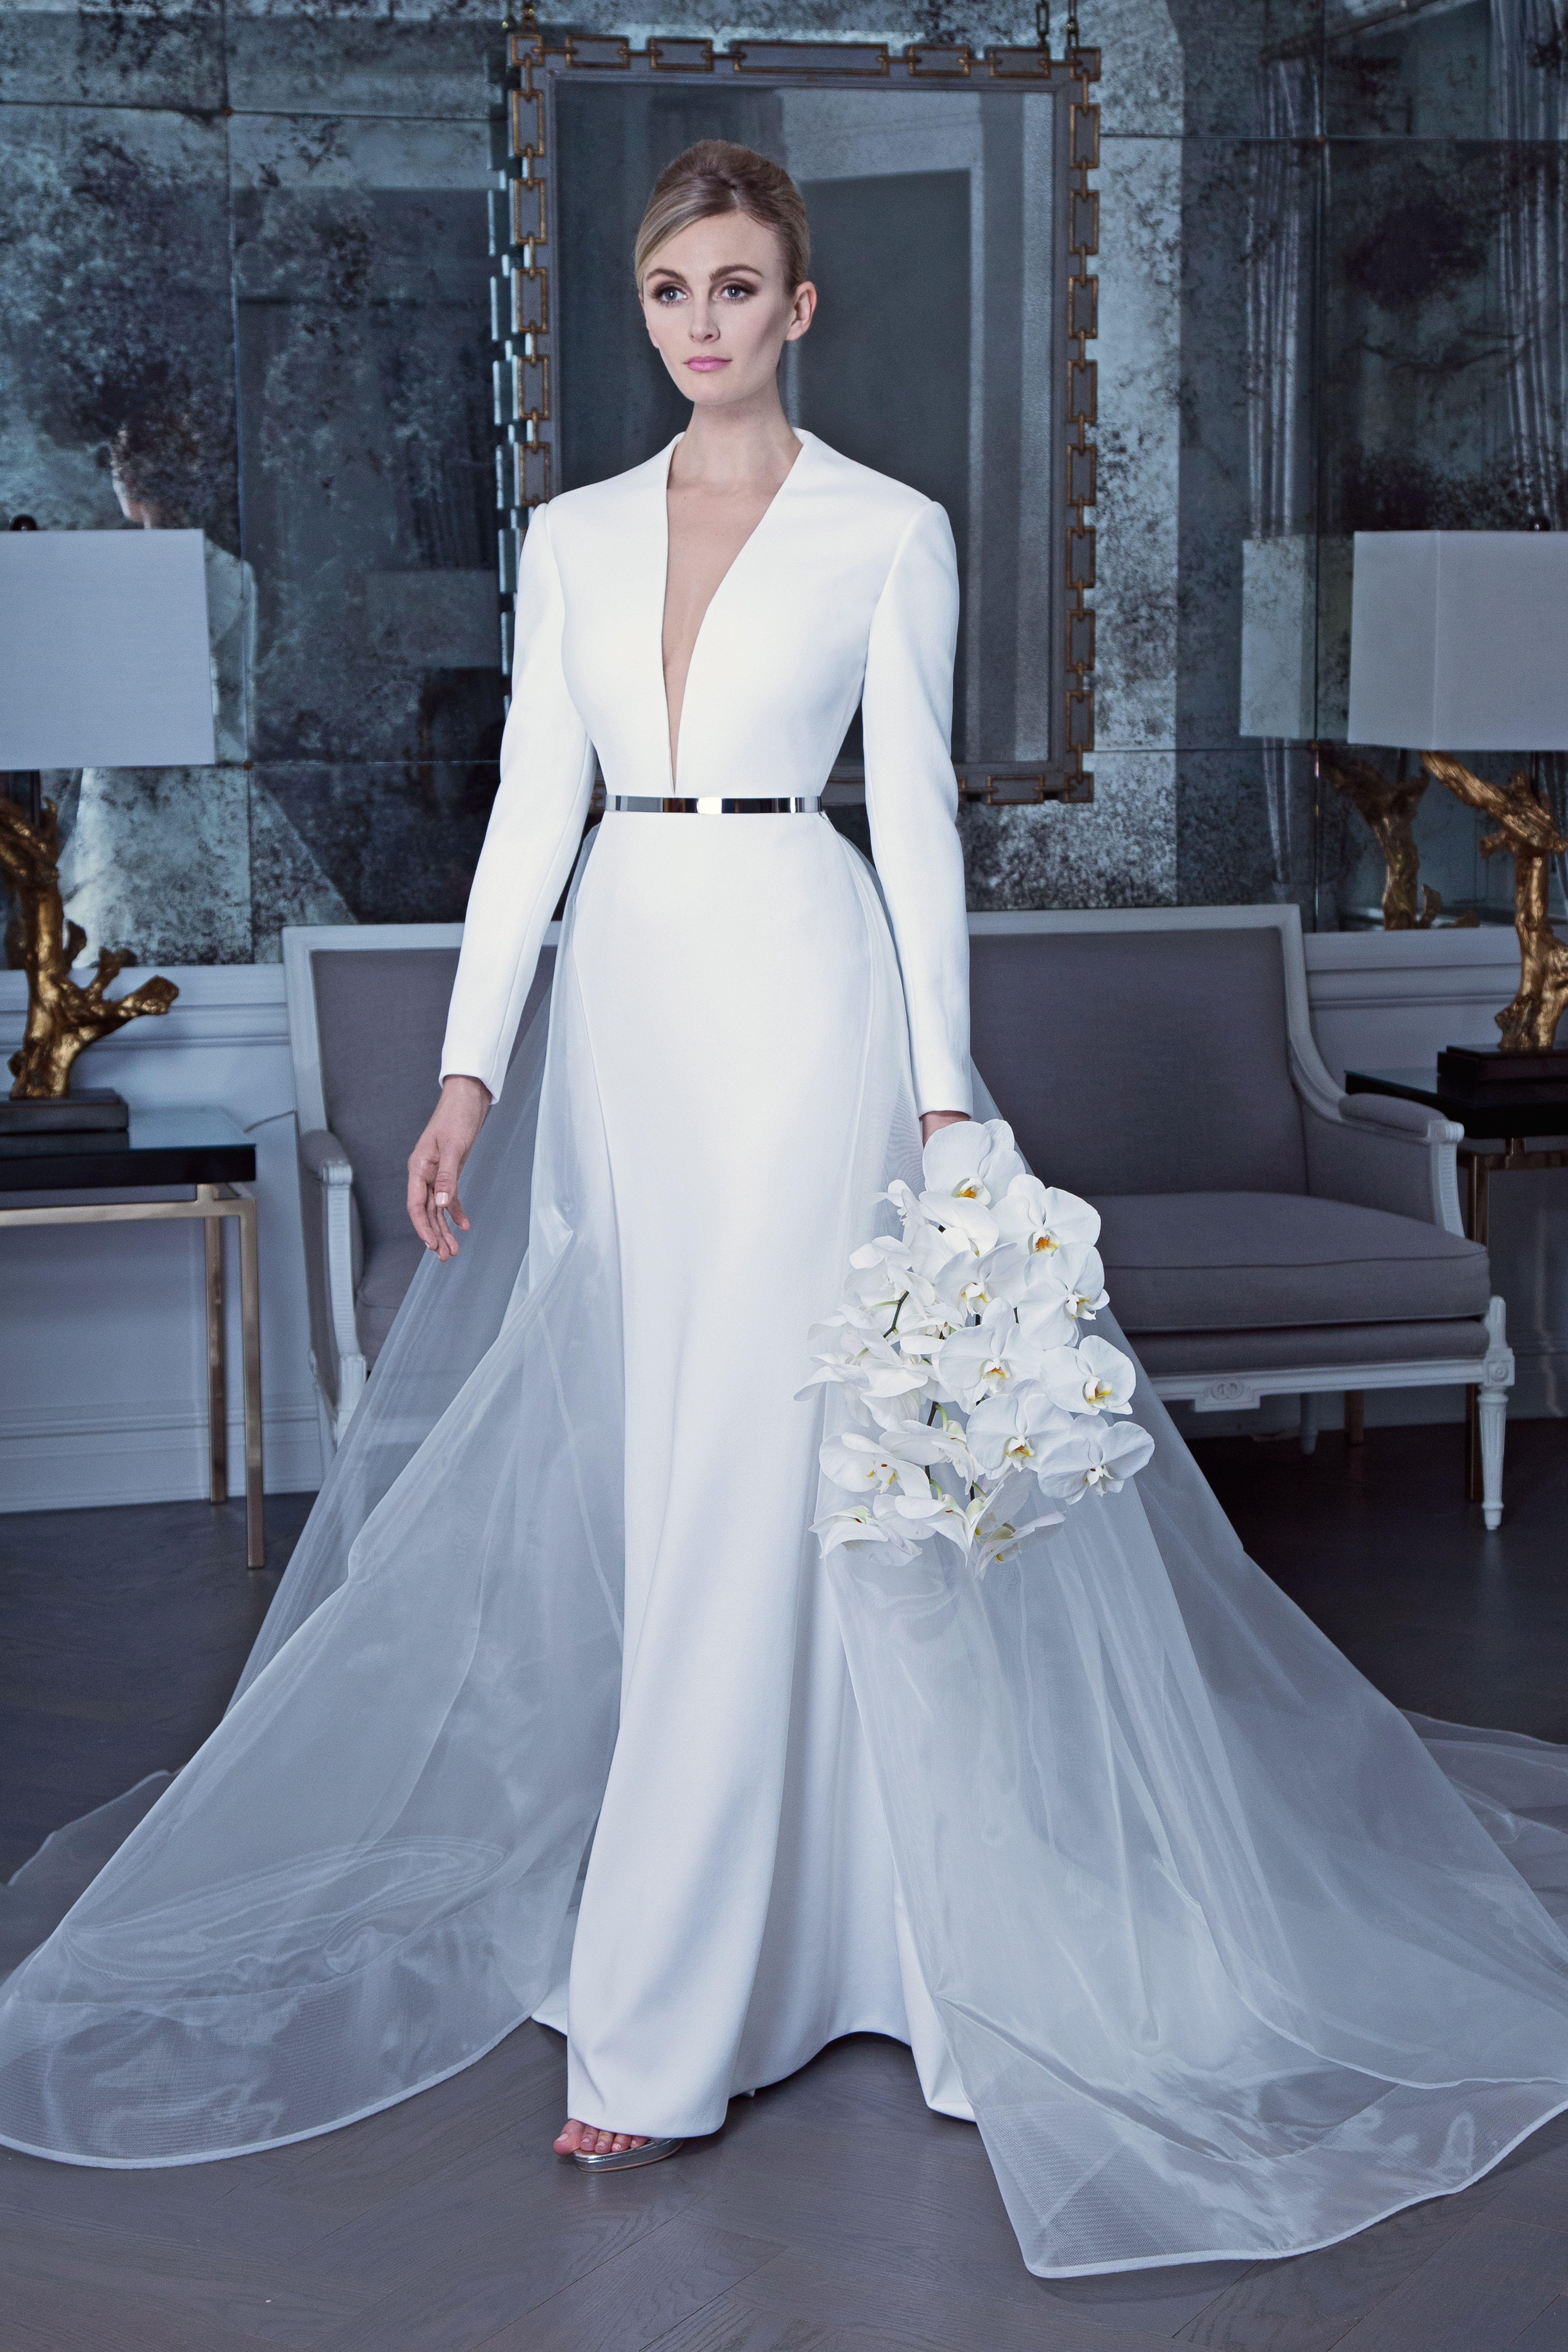 Casual Elegant Wedding Gowns 2019